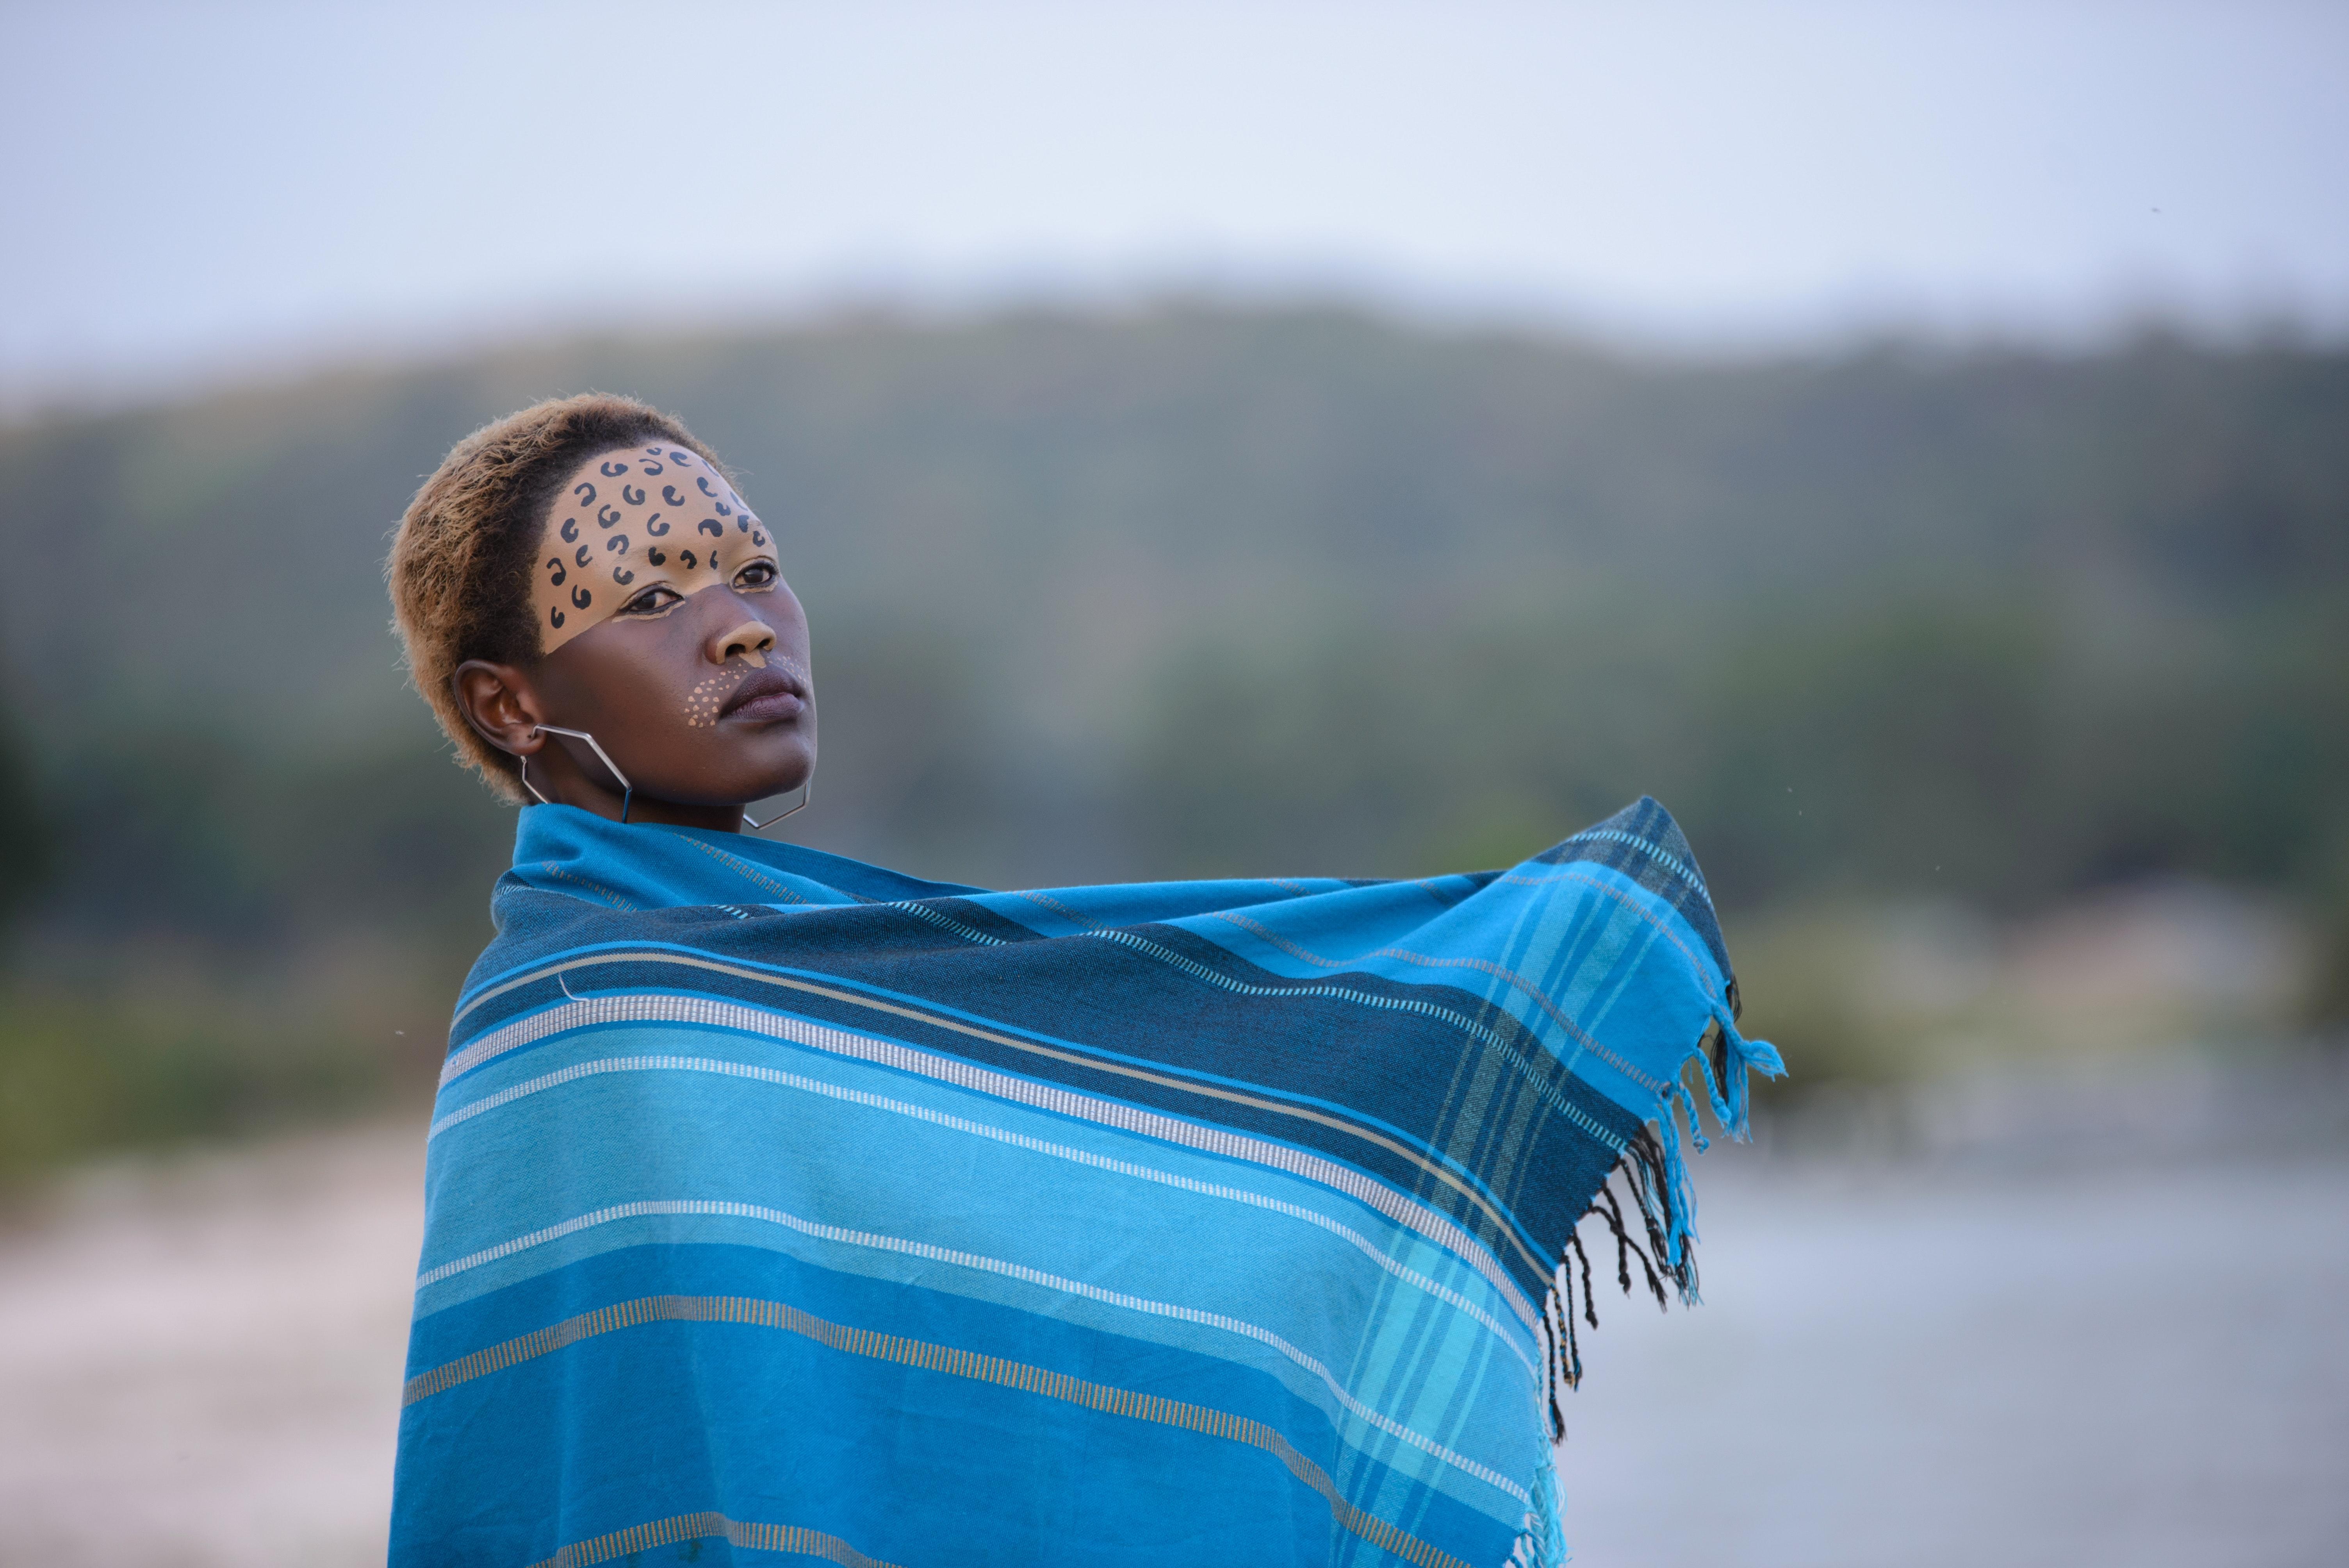 Fotoğraf Güzel Mavi Günışığı Yüz Yüz Boyası Moda Kız Boş